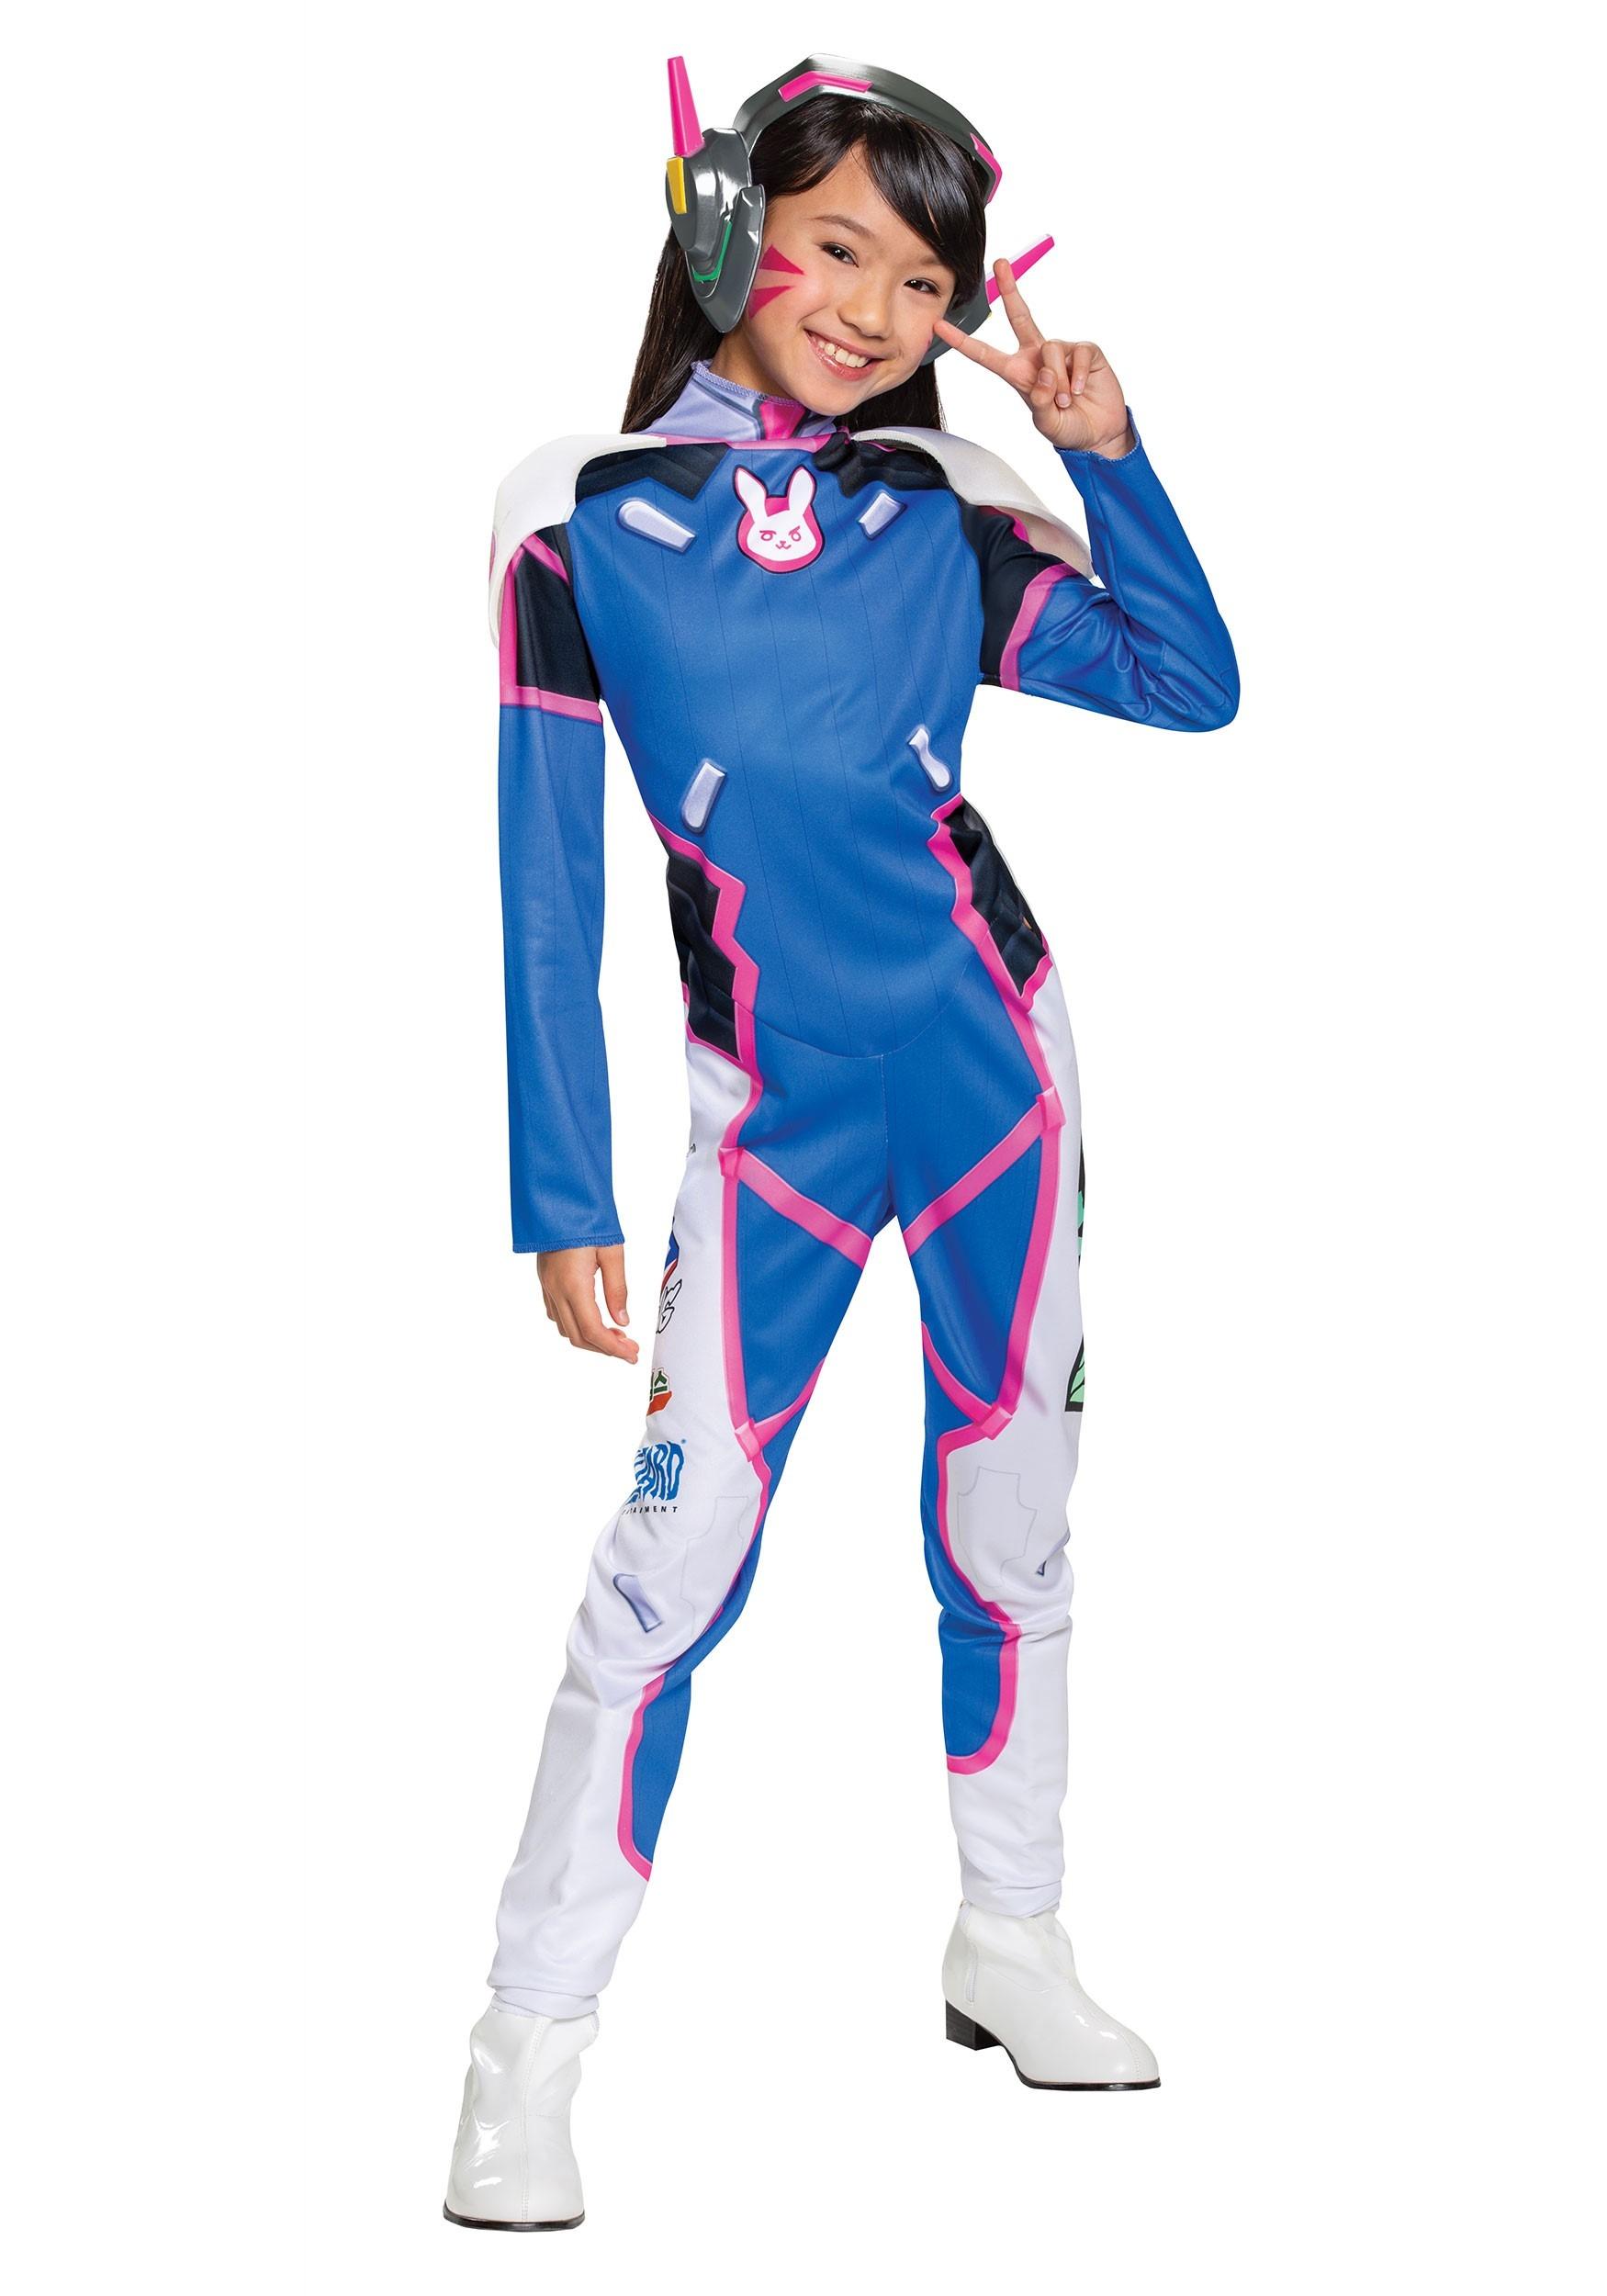 Halloween Costumes 2020 Overwatch Girls Overwatch D.Va Deluxe Costume